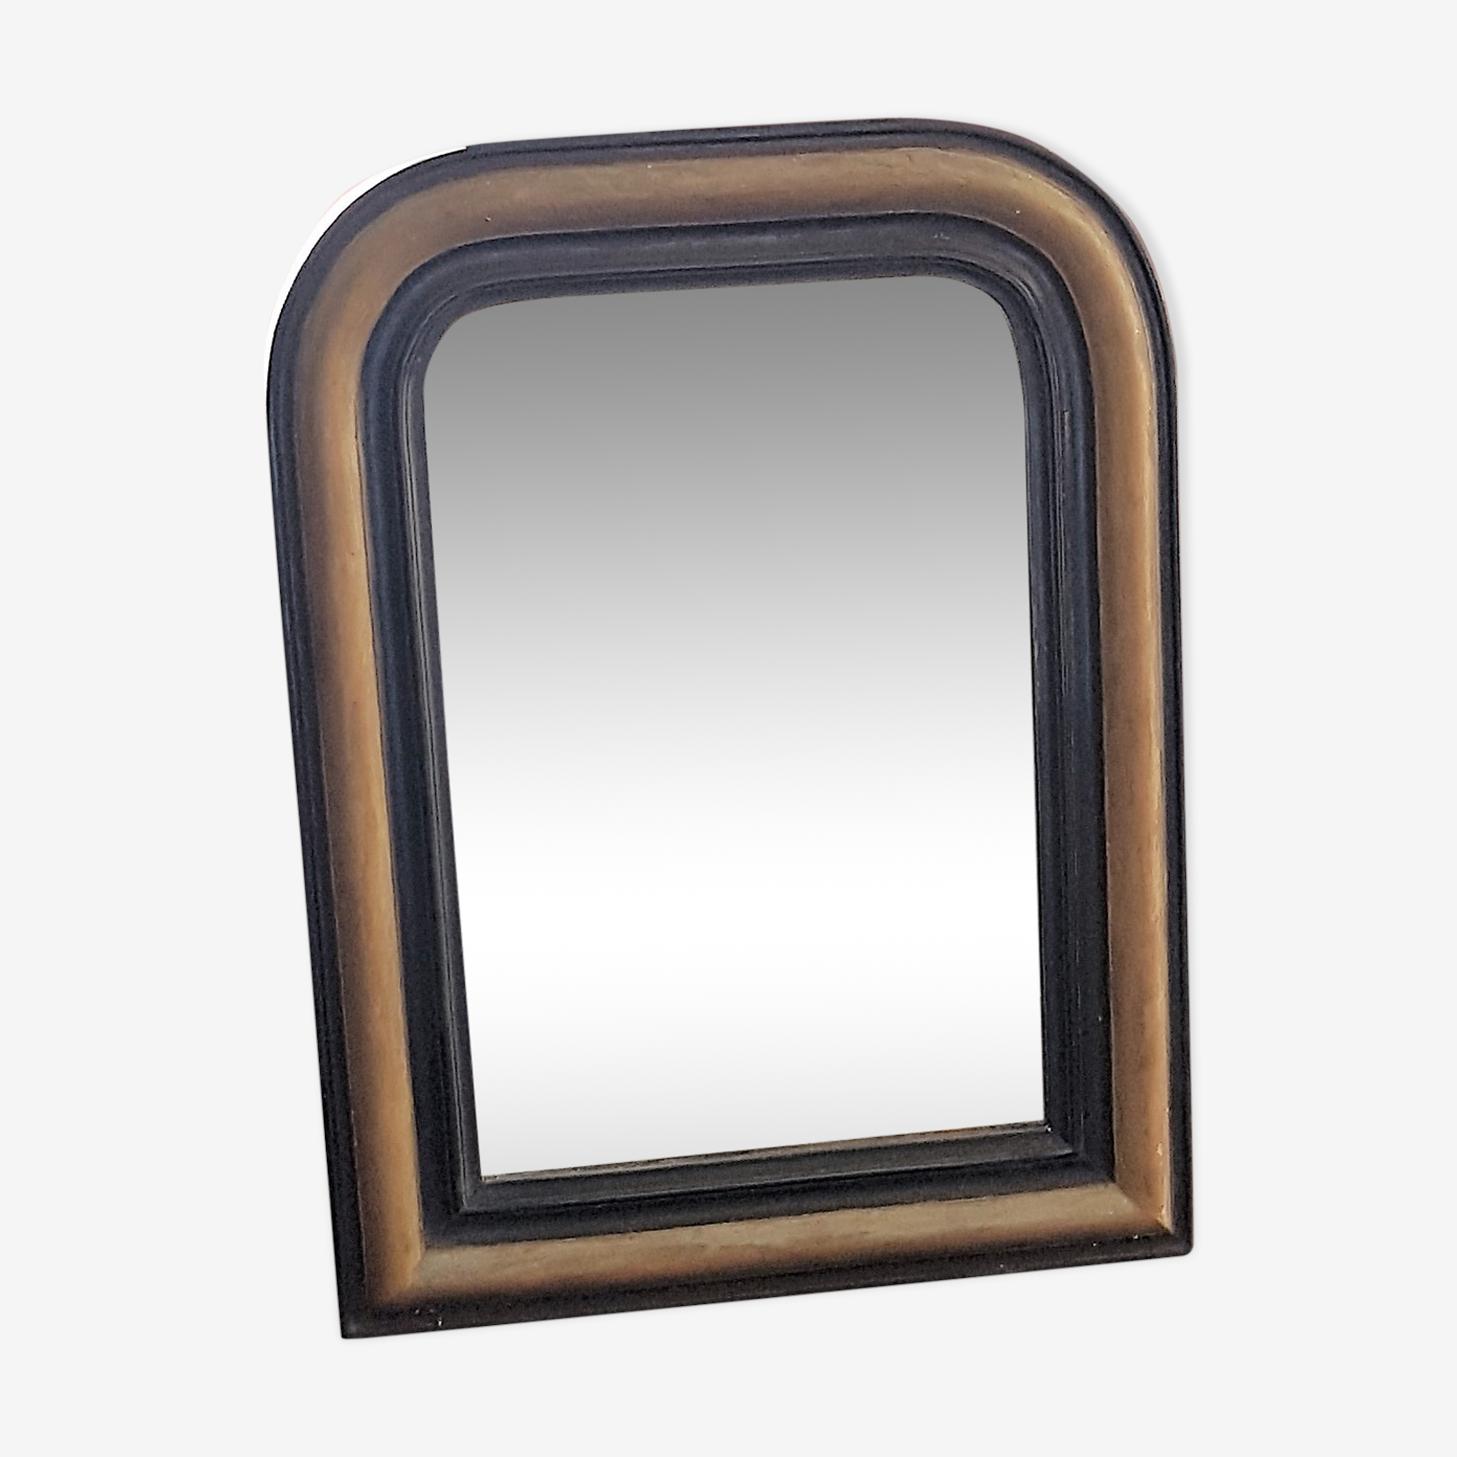 Miroir en bois ancien noir et doré 48x64cm